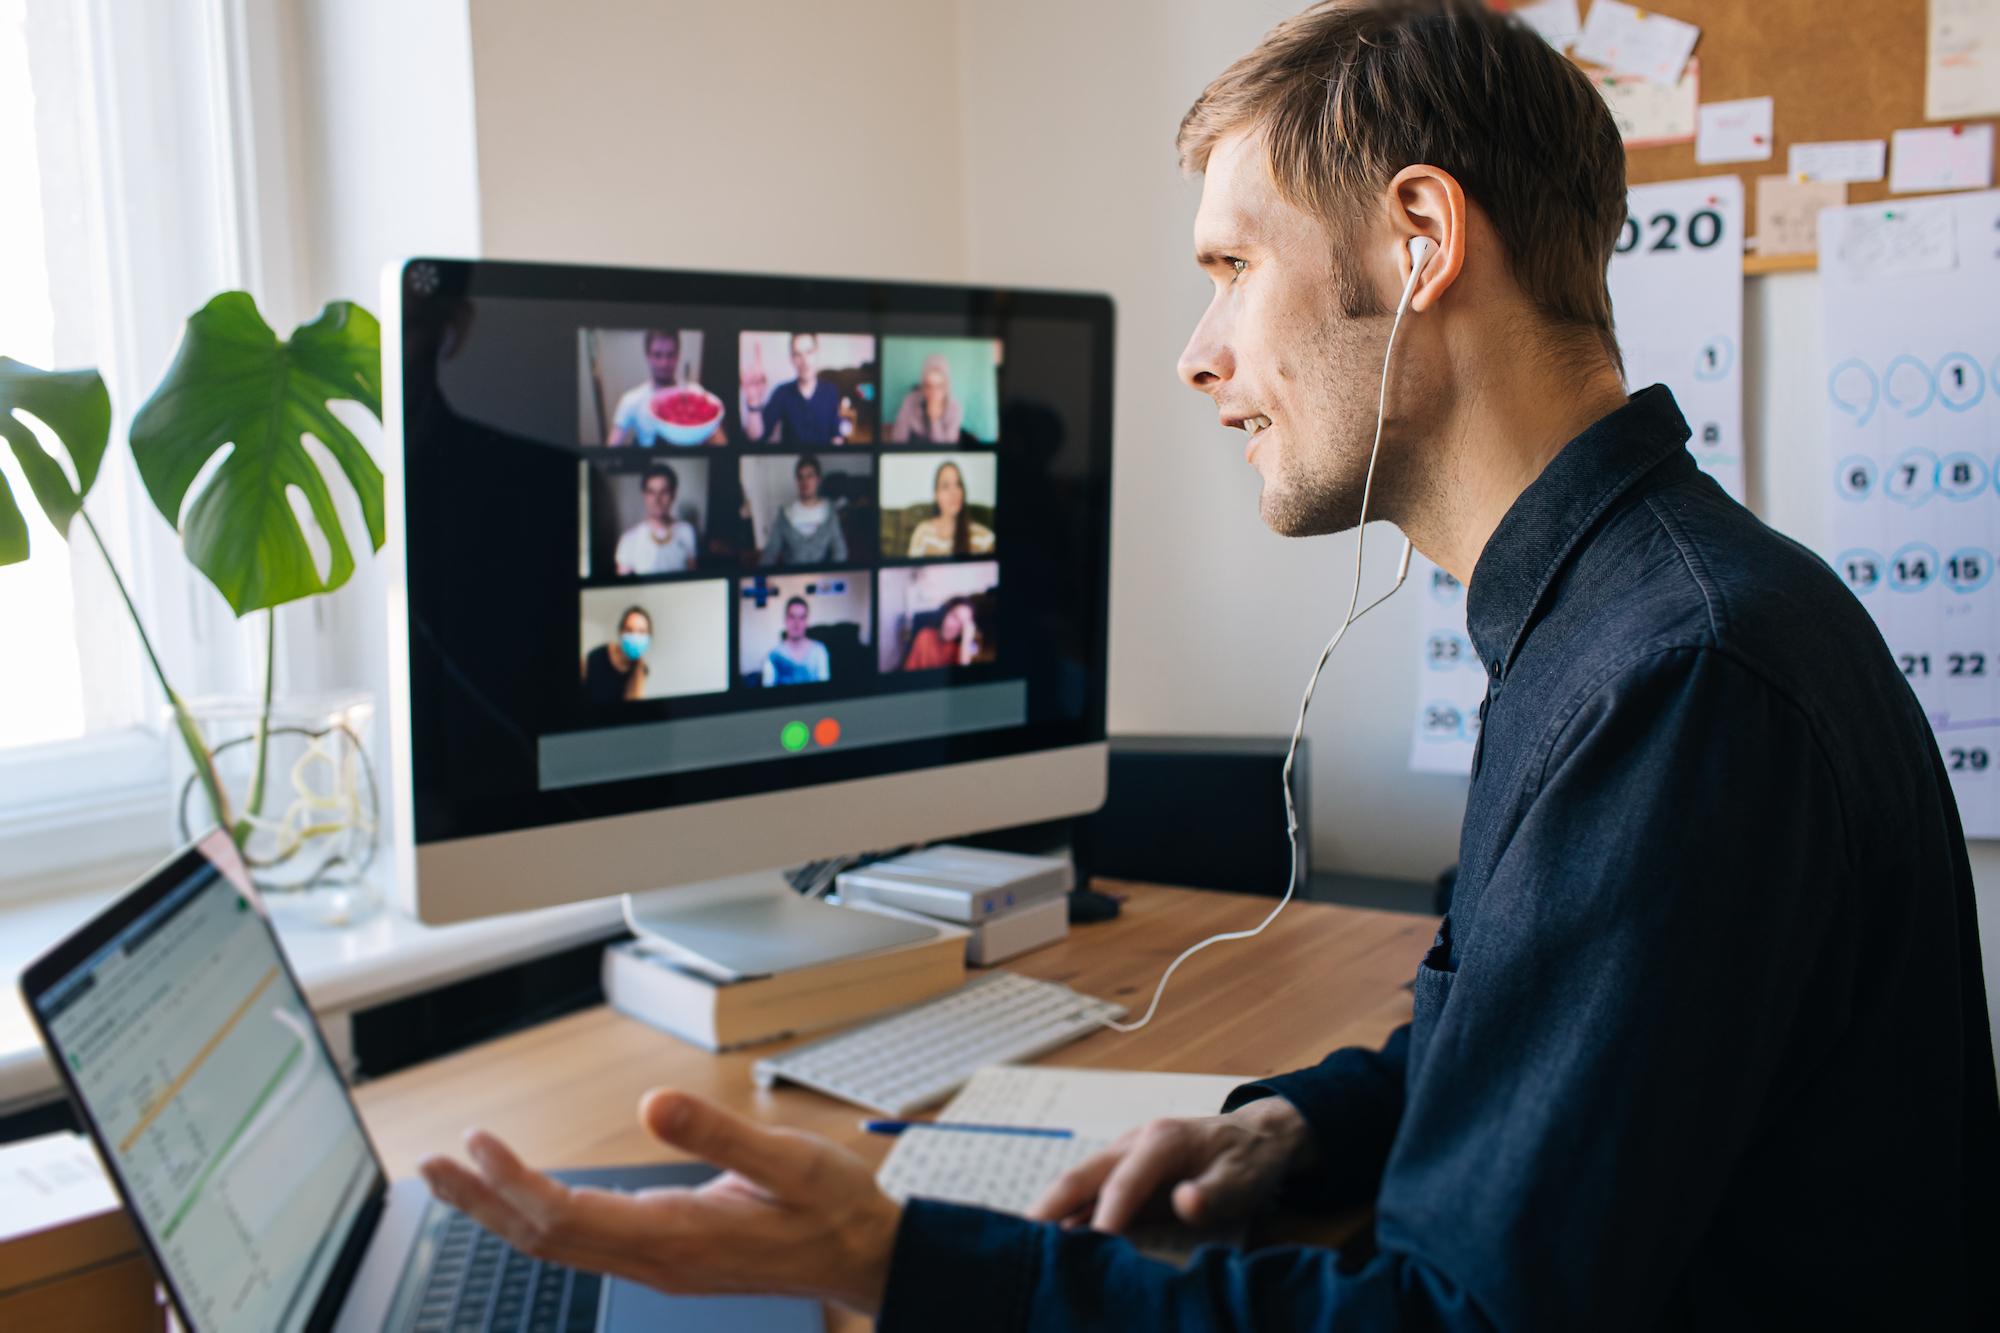 Ponad połowa respondentów uczestniczących w telekonferencjach uważa je za mniej efektywną formę pracy zespołowej (fot. Shutterstock)